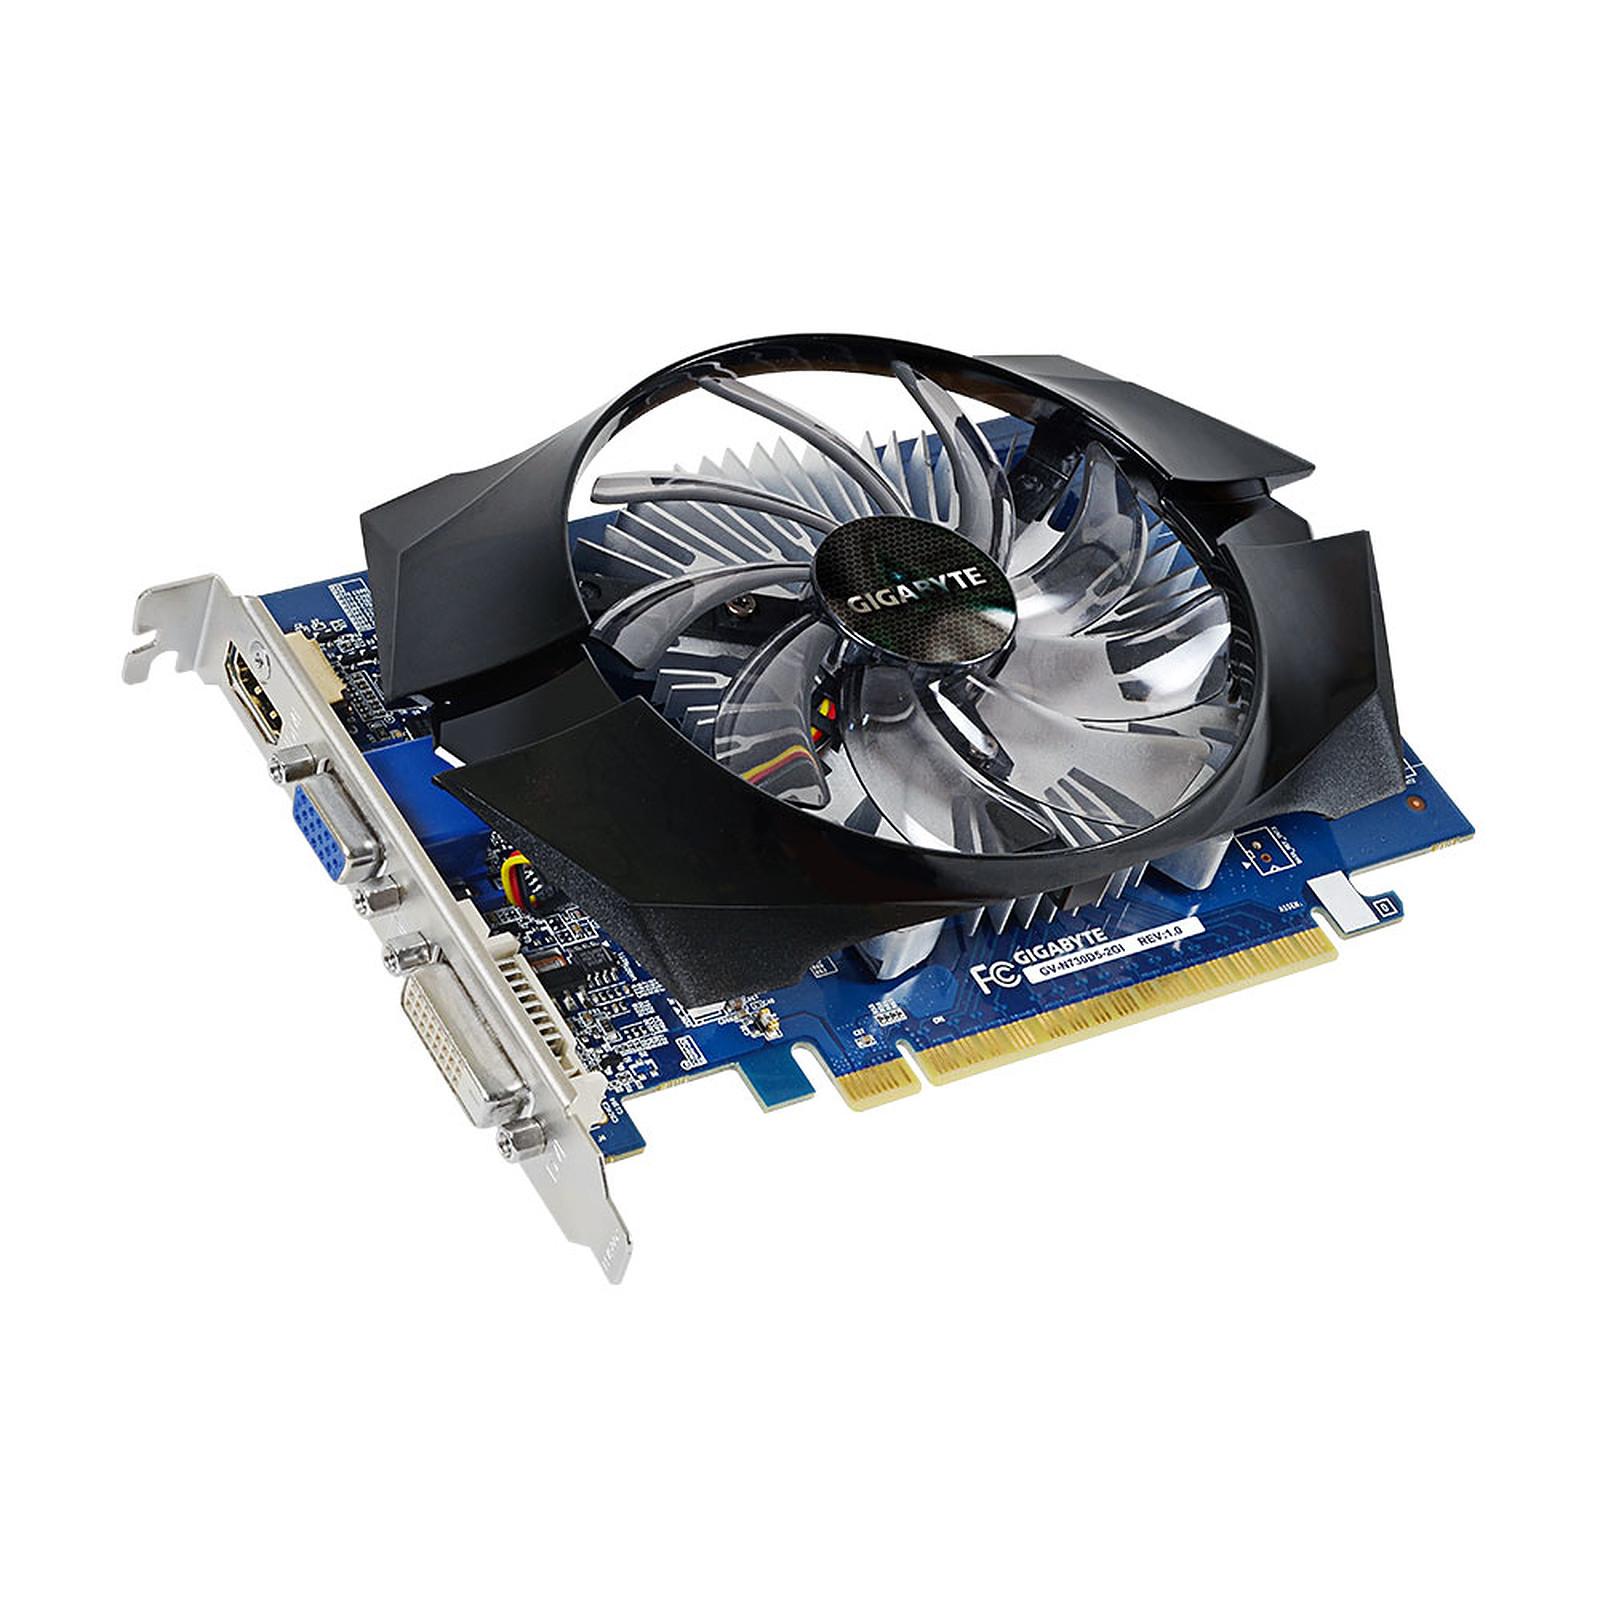 GALAX <b>GEFORCE</b> <b>GT</b> <b>730</b> 2GB GDDR5 - Graphics Card